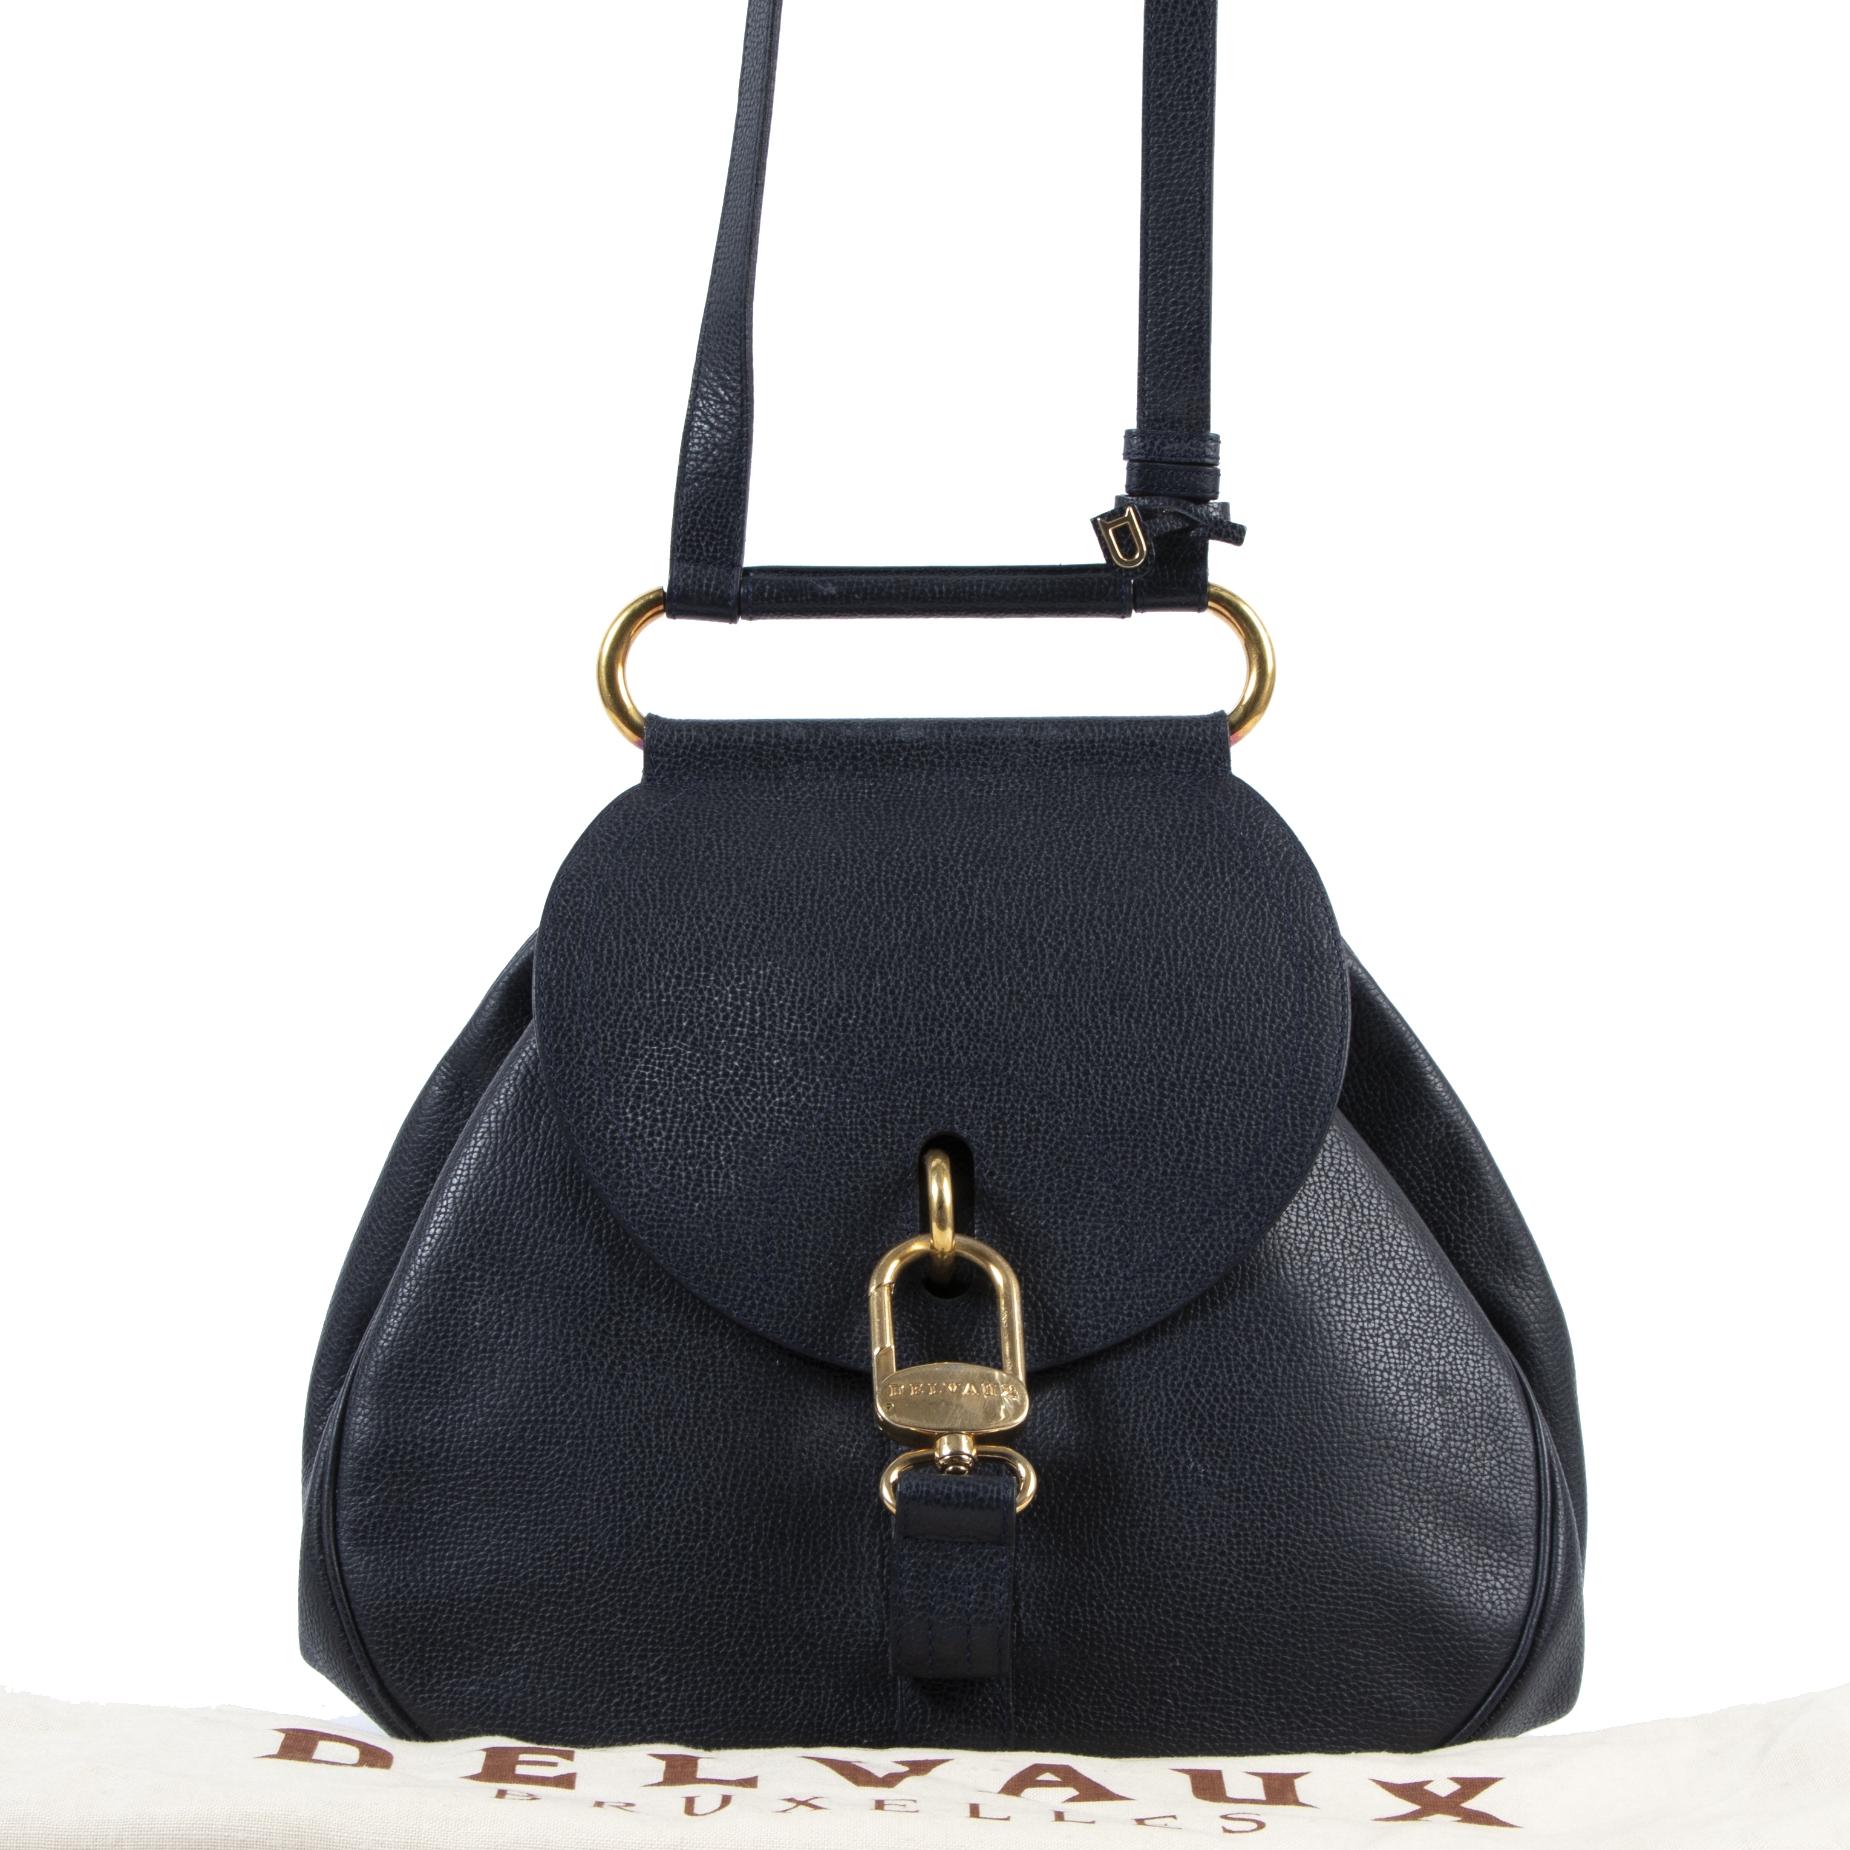 acheter enligne seconde main Delvaux Blue Cerceau Shoulder Bag